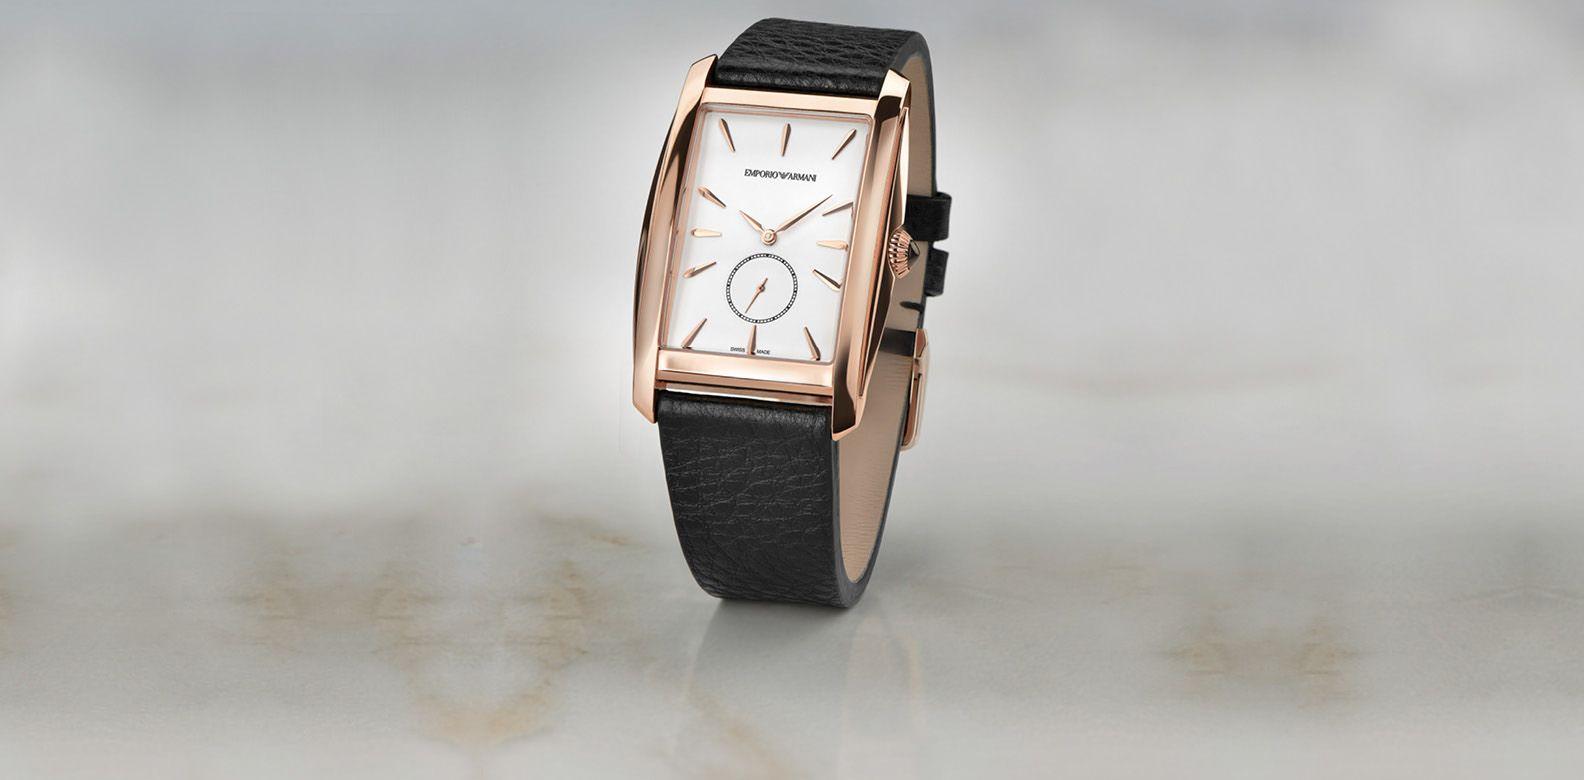 Sonderrabatt 2018 Schuhe 100% Zufriedenheitsgarantie Emporio Armani Goes Gatsby Style With Modern Retrò Watch ...